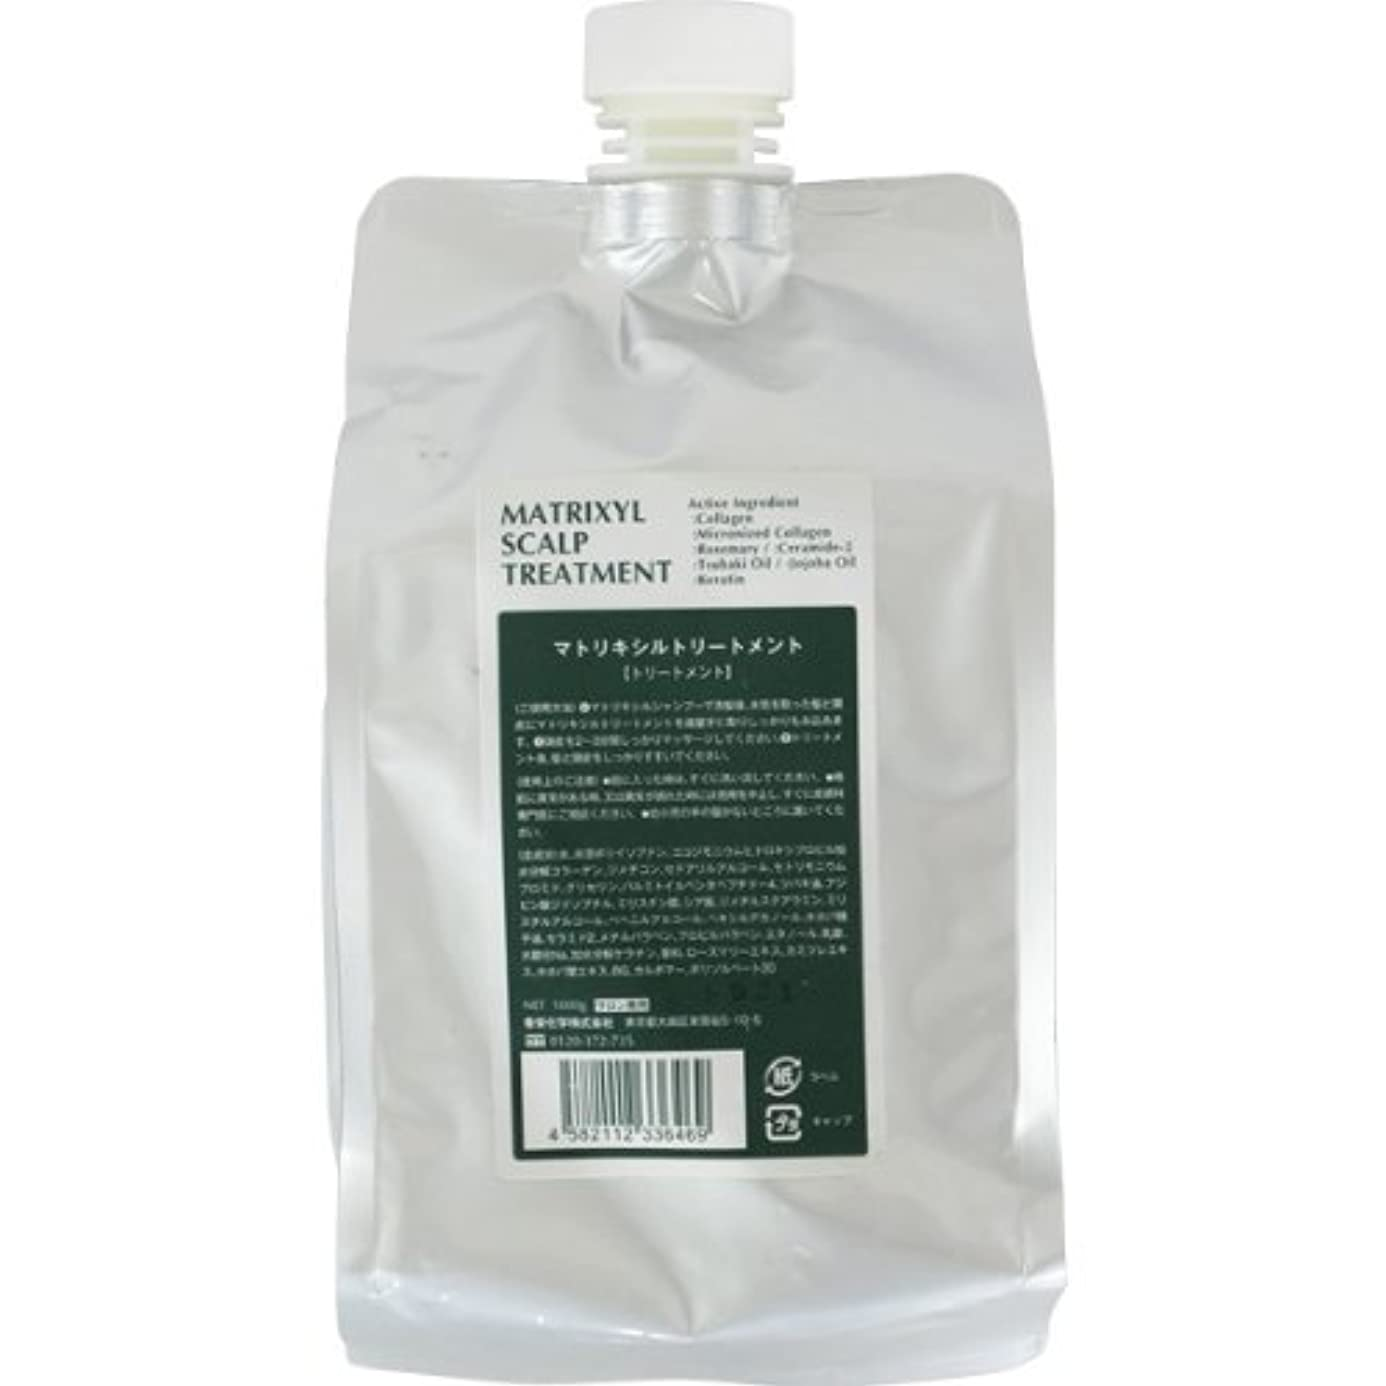 隔離する懐疑的農業香栄化学 マトリキシル スキャルプトリートメント レフィル 1000g